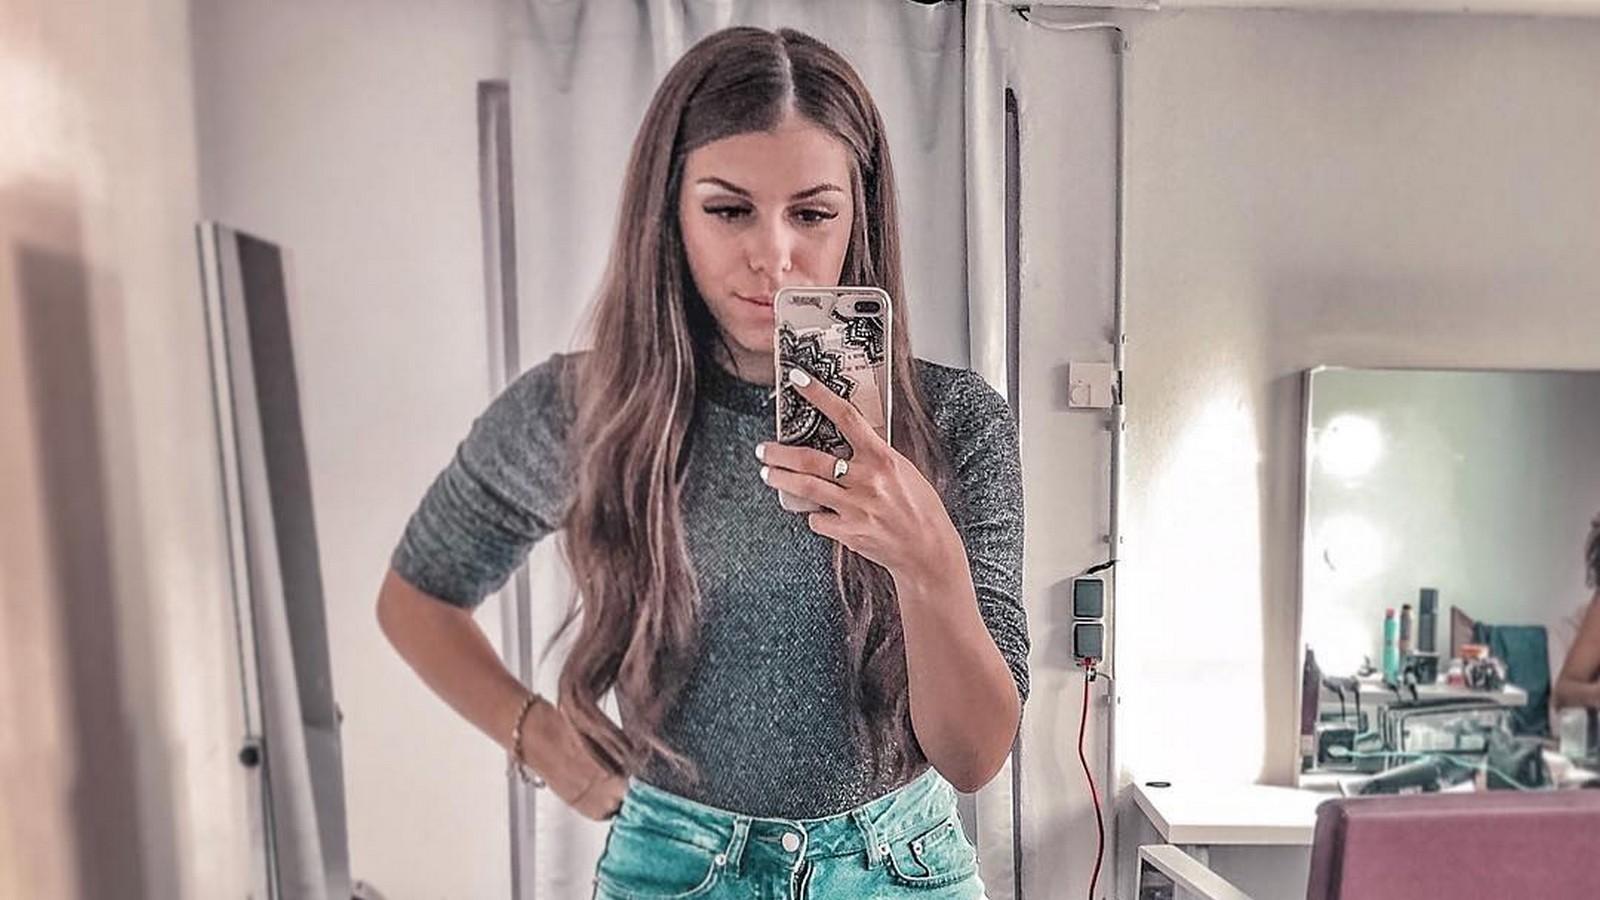 Nathalie Bleicher-Woth